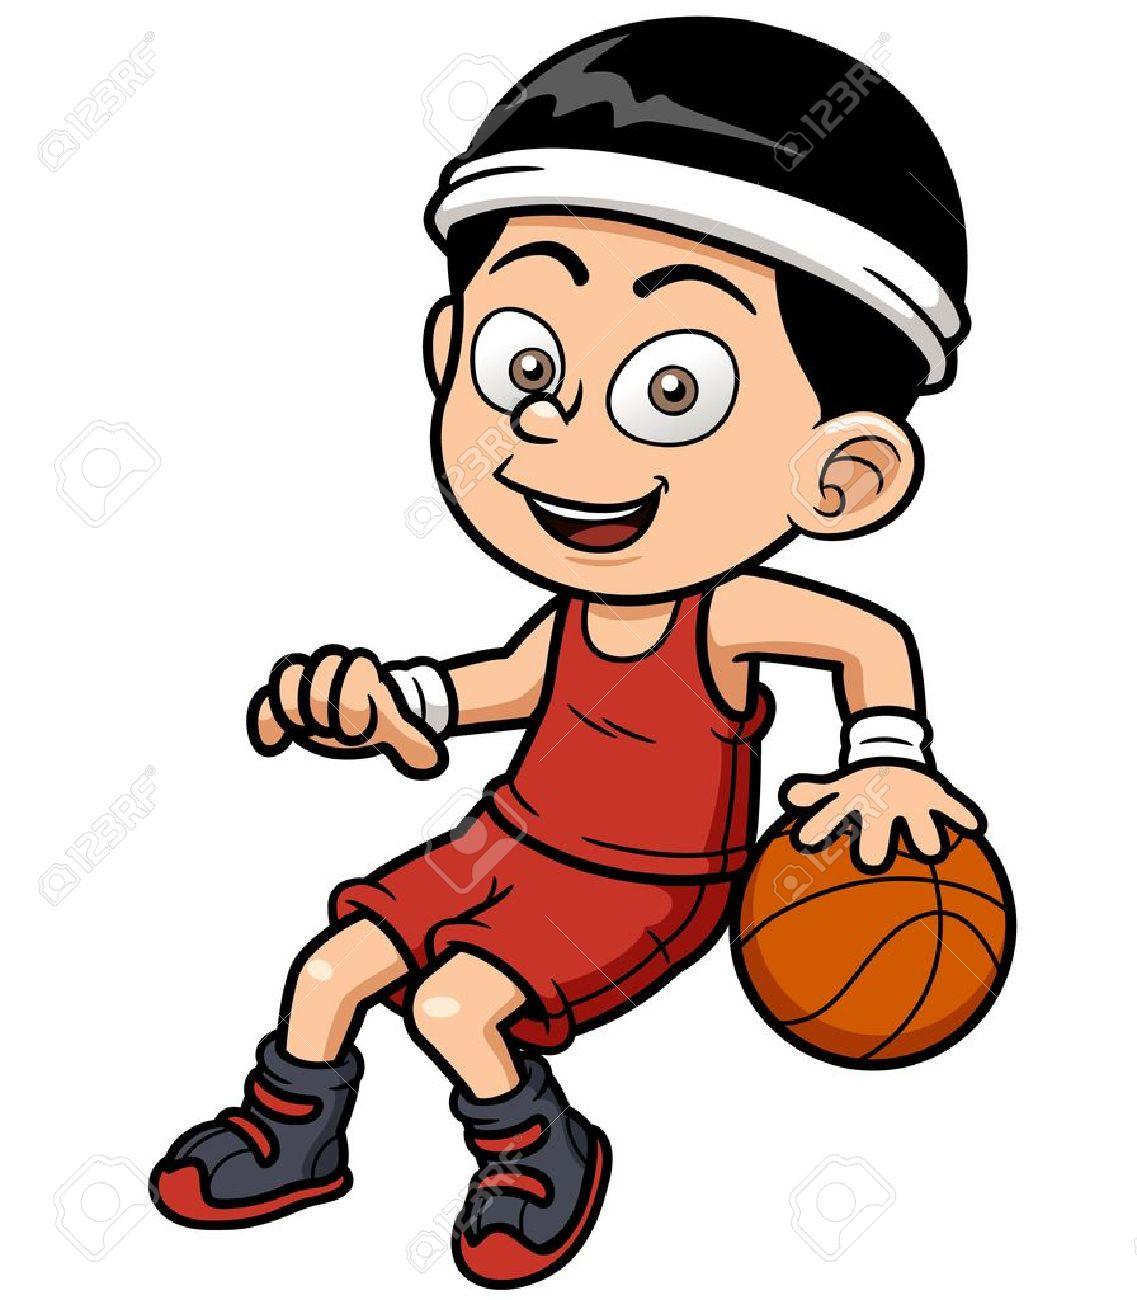 Resultado de imagen para dibujos de basquet